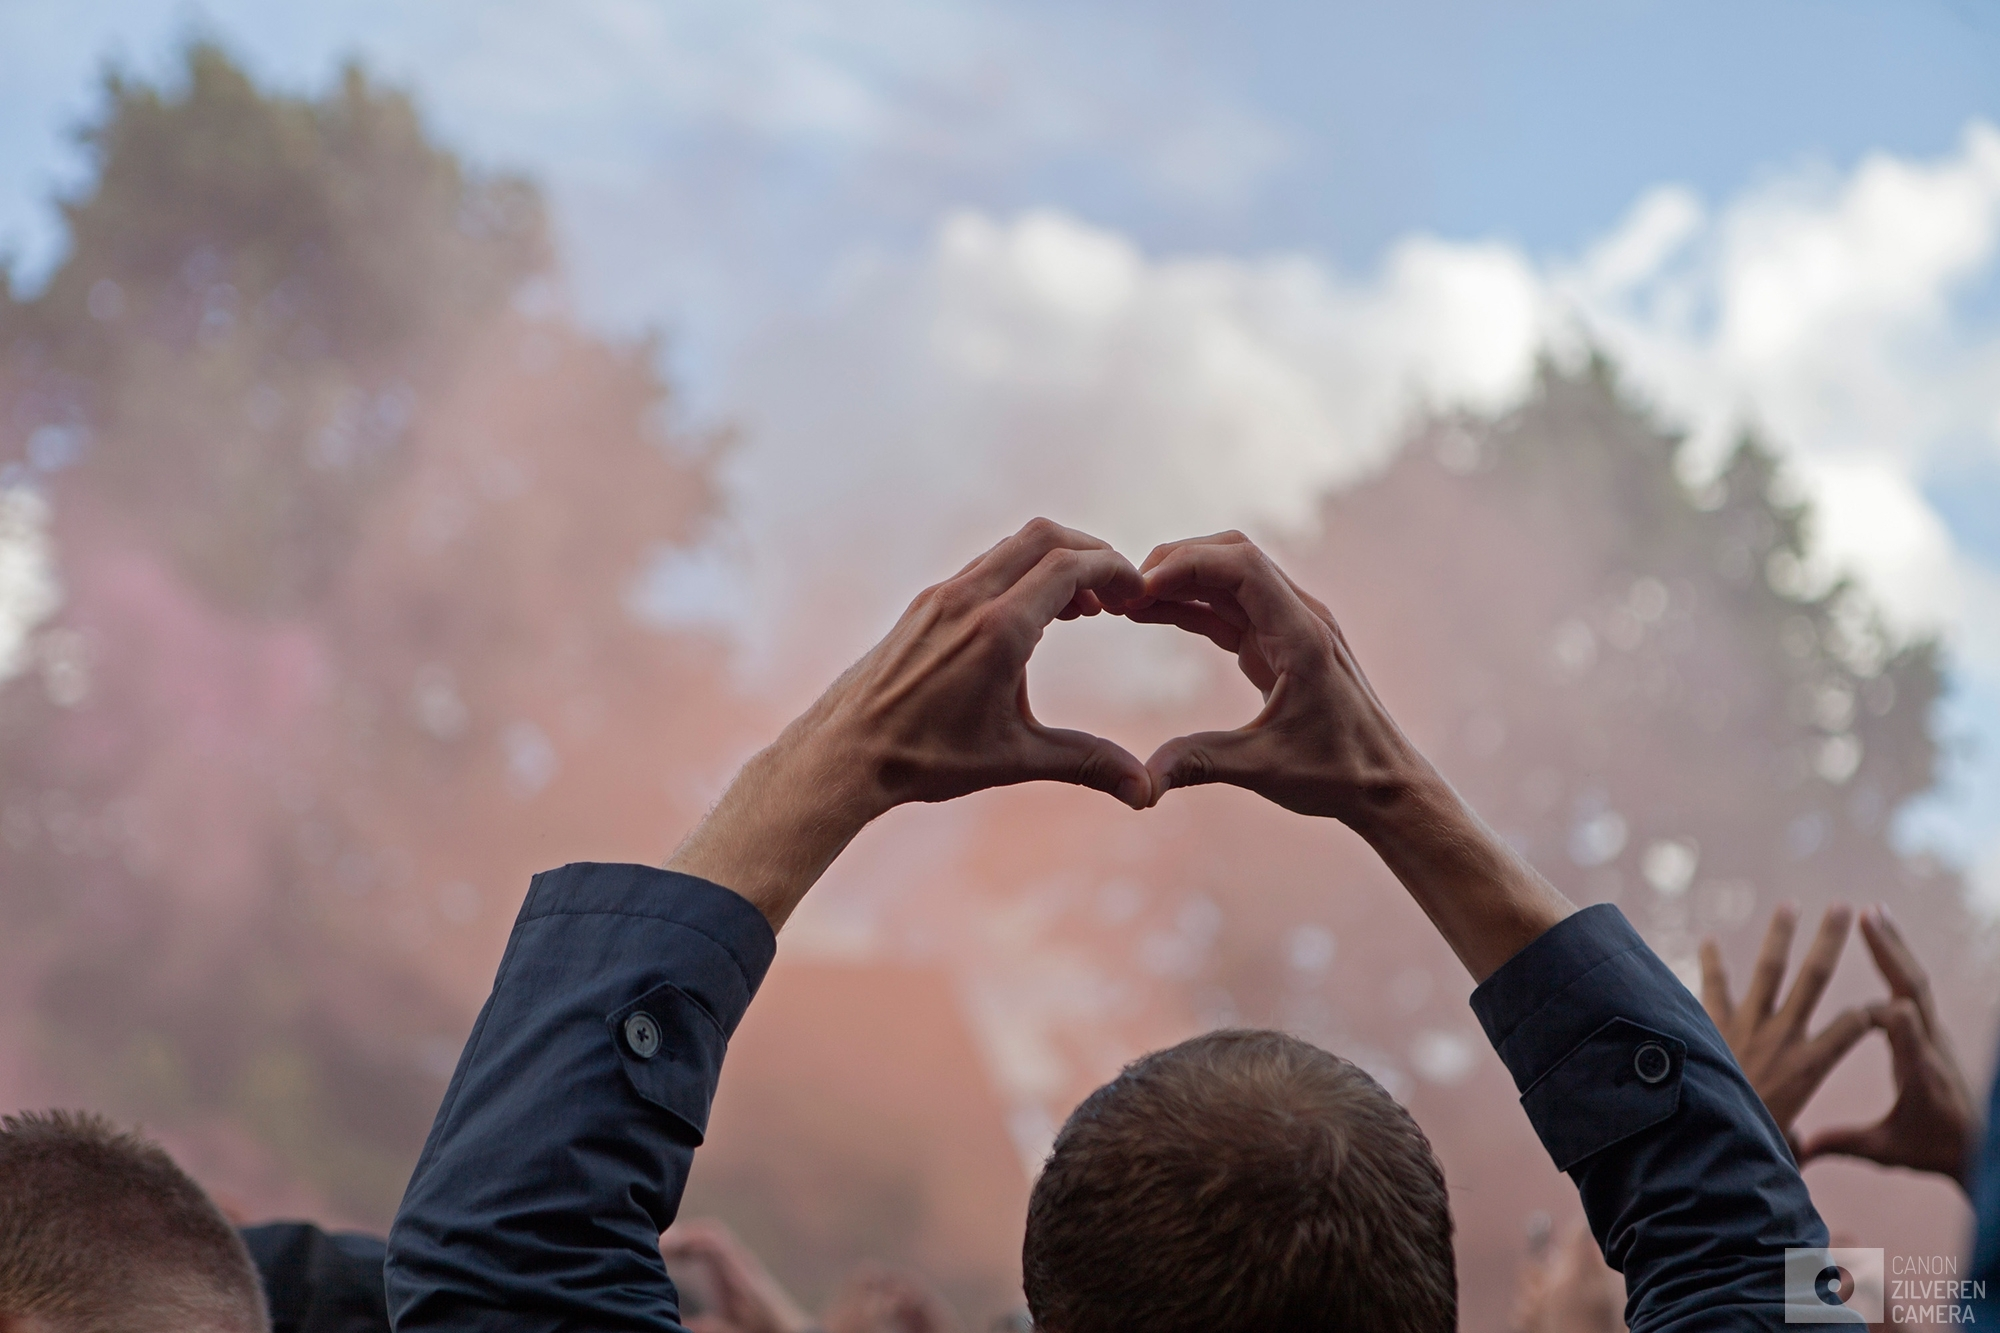 Foto 6 van 11De carrière van de talentvolle voetballer Abdelhak Nouri werd op 8 juli 2017 in de kiem gesmoord. Tijdens een oefenduel in het Oostenrijkse Zillertal werd de kleine Ajacied onwel en zakte in elkaar.Enkele dagen later werd bekend dat hij blijvende en ernstige hersenschade had opgelopen.De golf van collectief verdriet die toen door (voetballend) Nederland trok liet geen ruimte voor rivaliteit maar zorgde voor verbroedering om te bidden voor een zo'n positief mogelijke afloop voor Abdelhak.